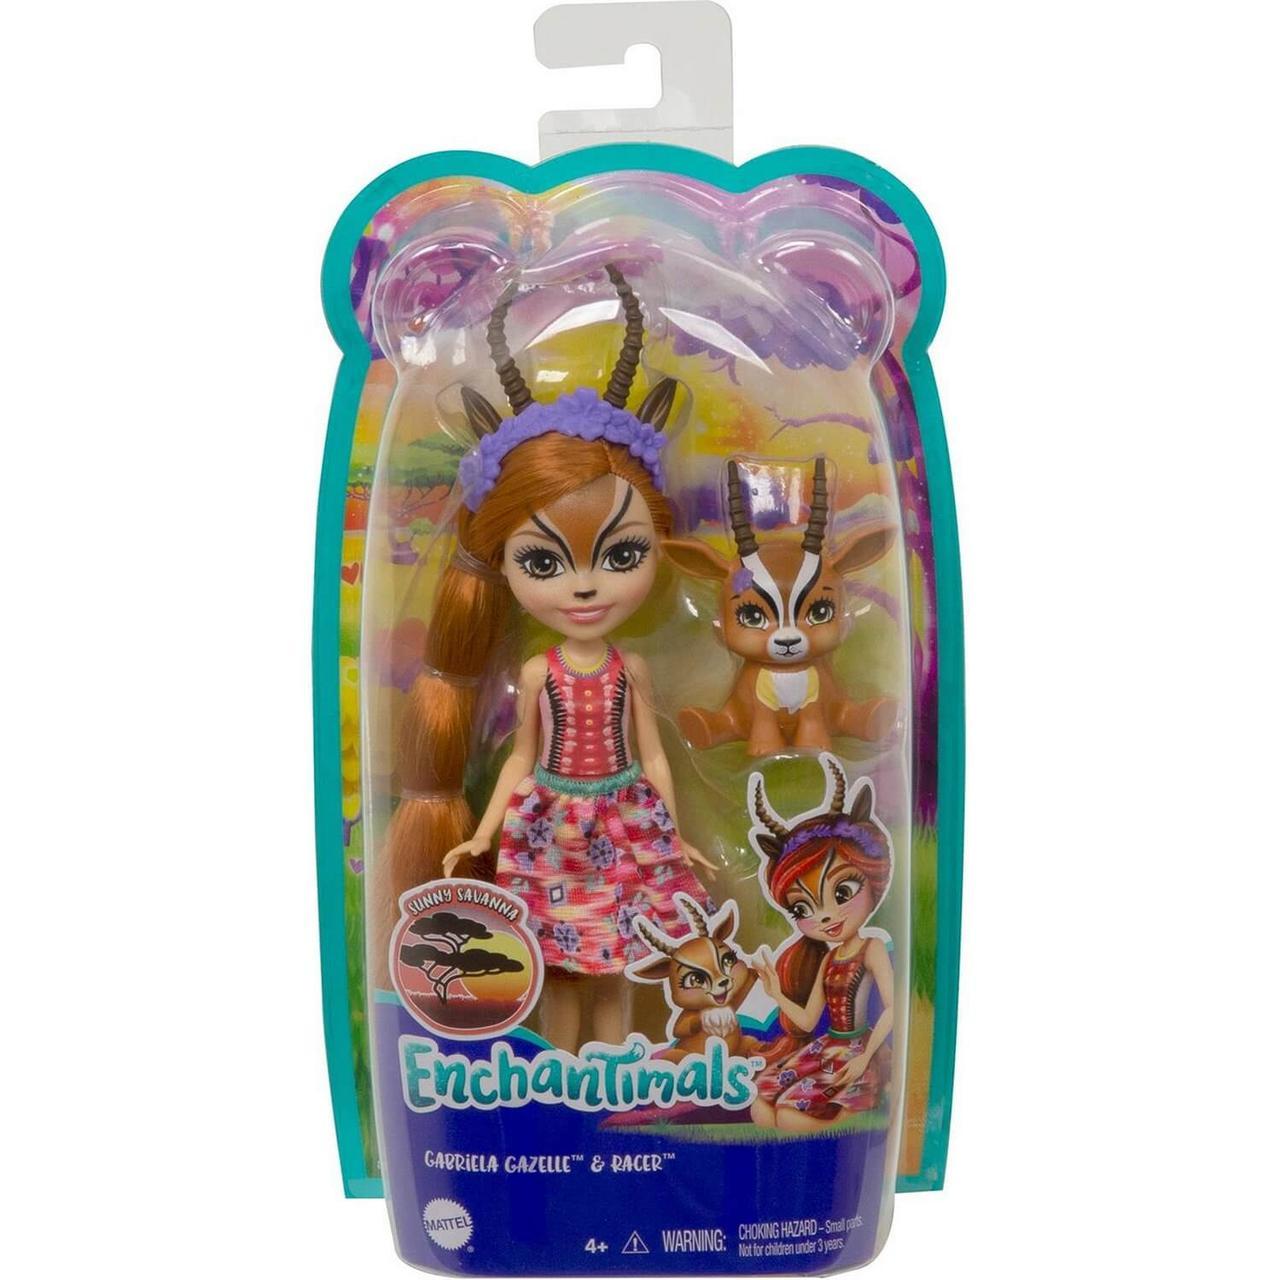 Энчантималс Enchantimals кукла с питомцем Габриэла Газелли и Рейсер GTM26 - фото 2